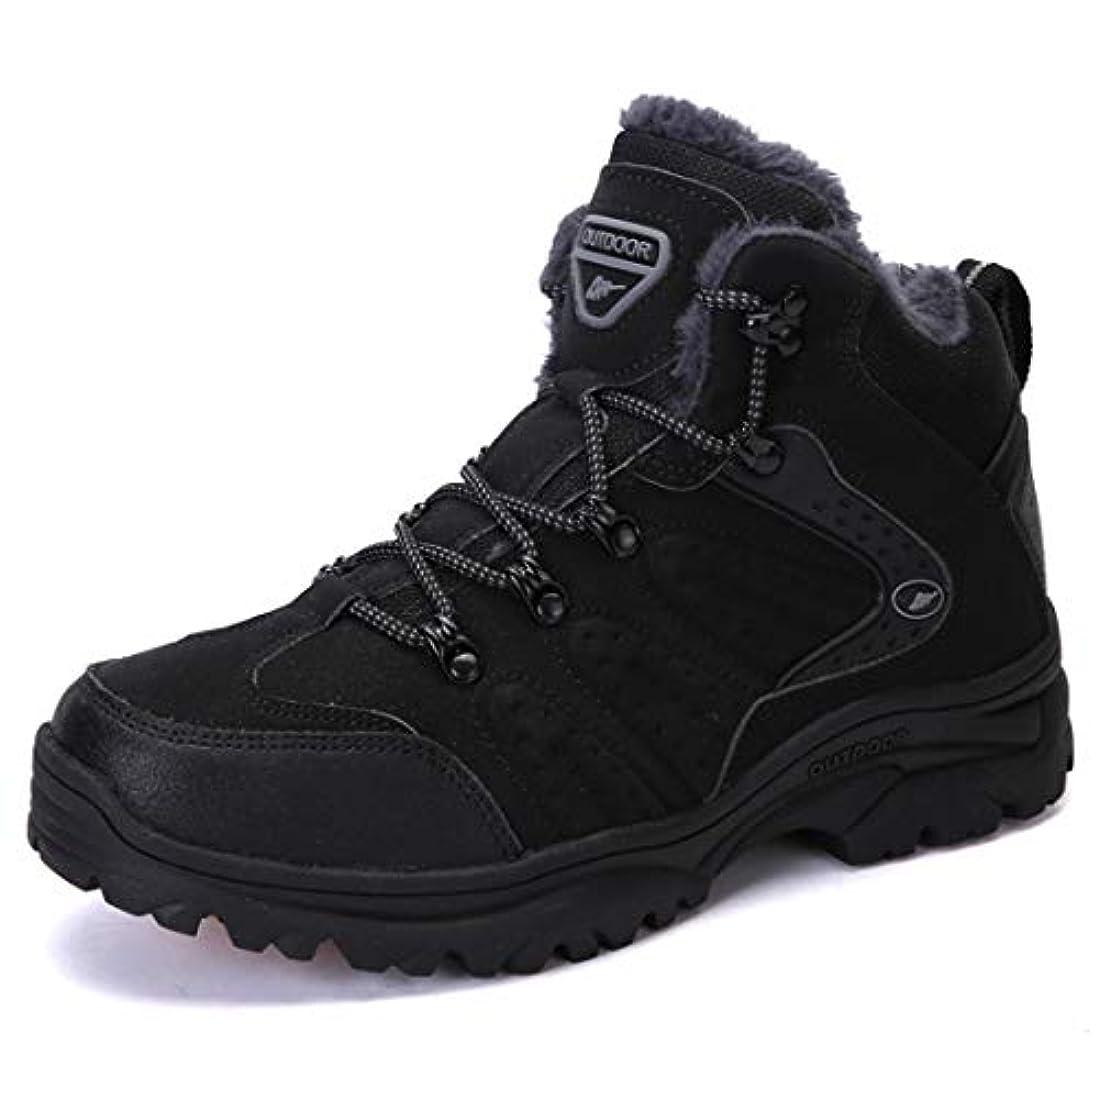 親指骨髄男やもめハイキングシューズ 防水 トレッキングシューズ 防寒靴 スノーブーツ 軽量 アウトドアスニーカー ス 耐磨耗